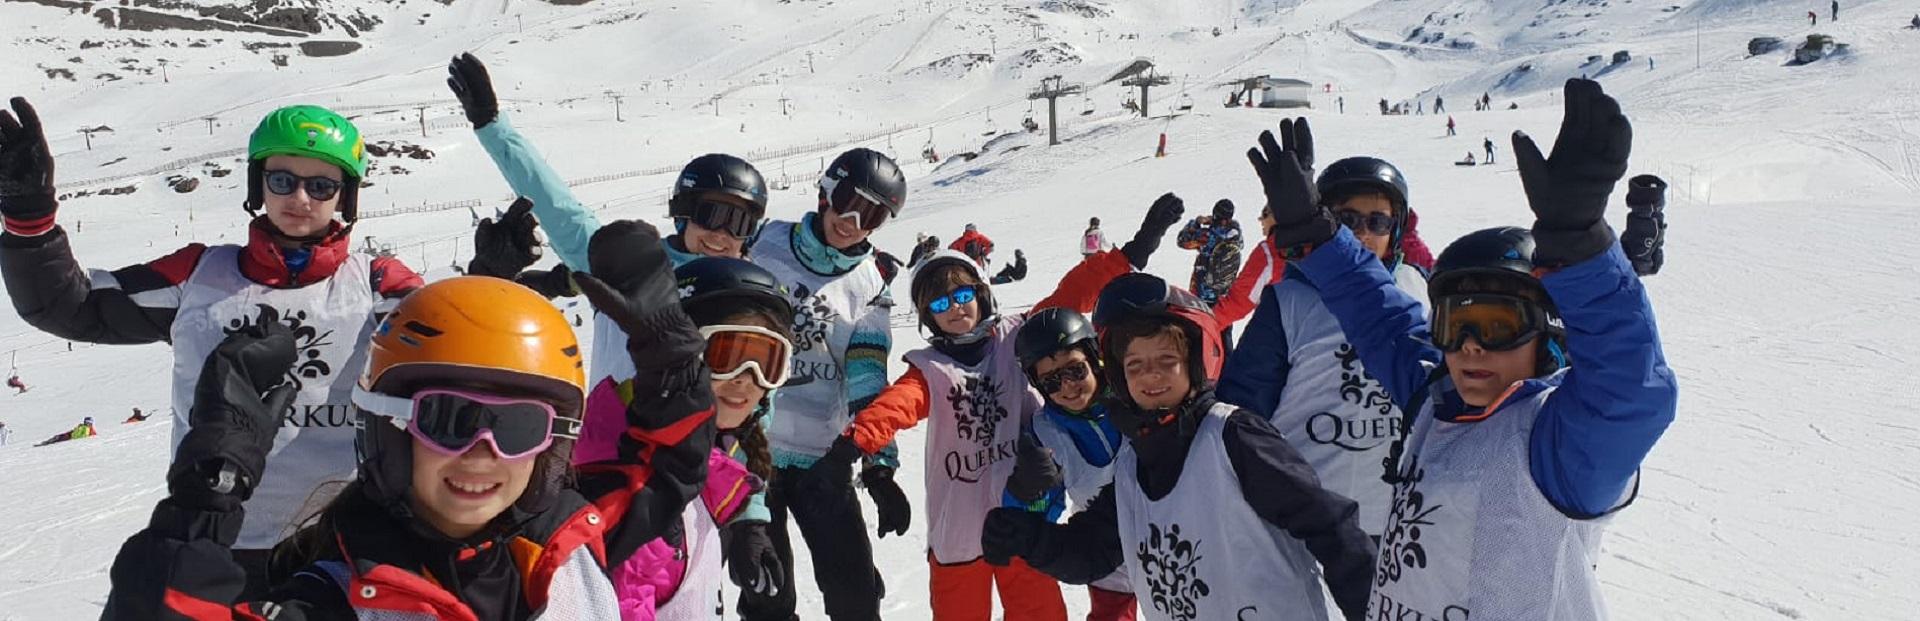 viaje escolar esqui Snow sierra nevada